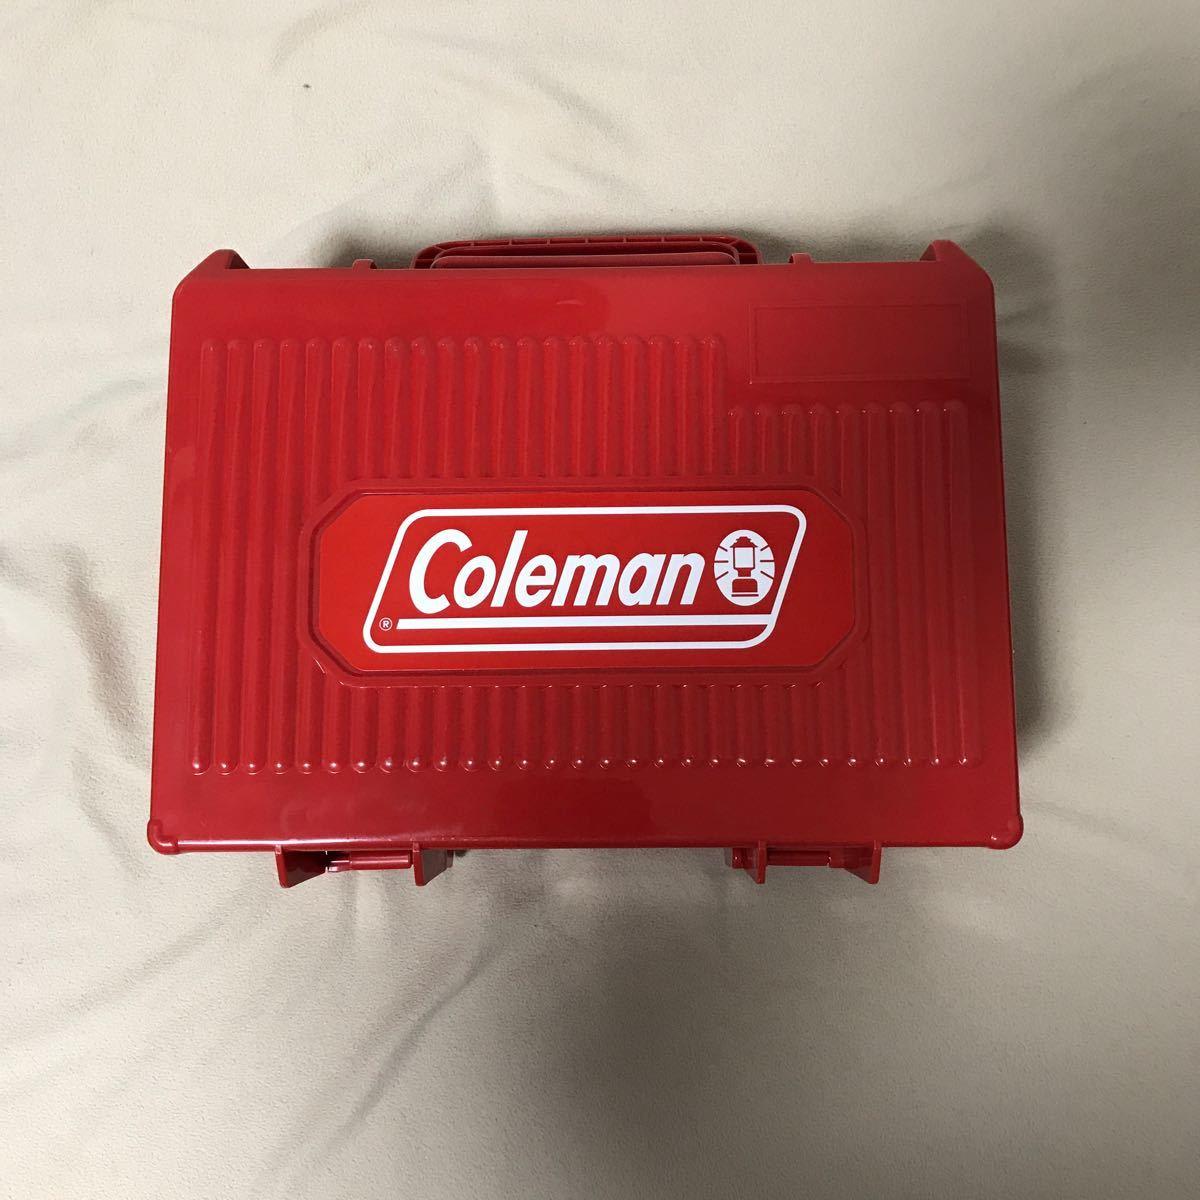 Coleman コールマンシングルバーナー 未使用新品 カセットコンロ 速発送します。